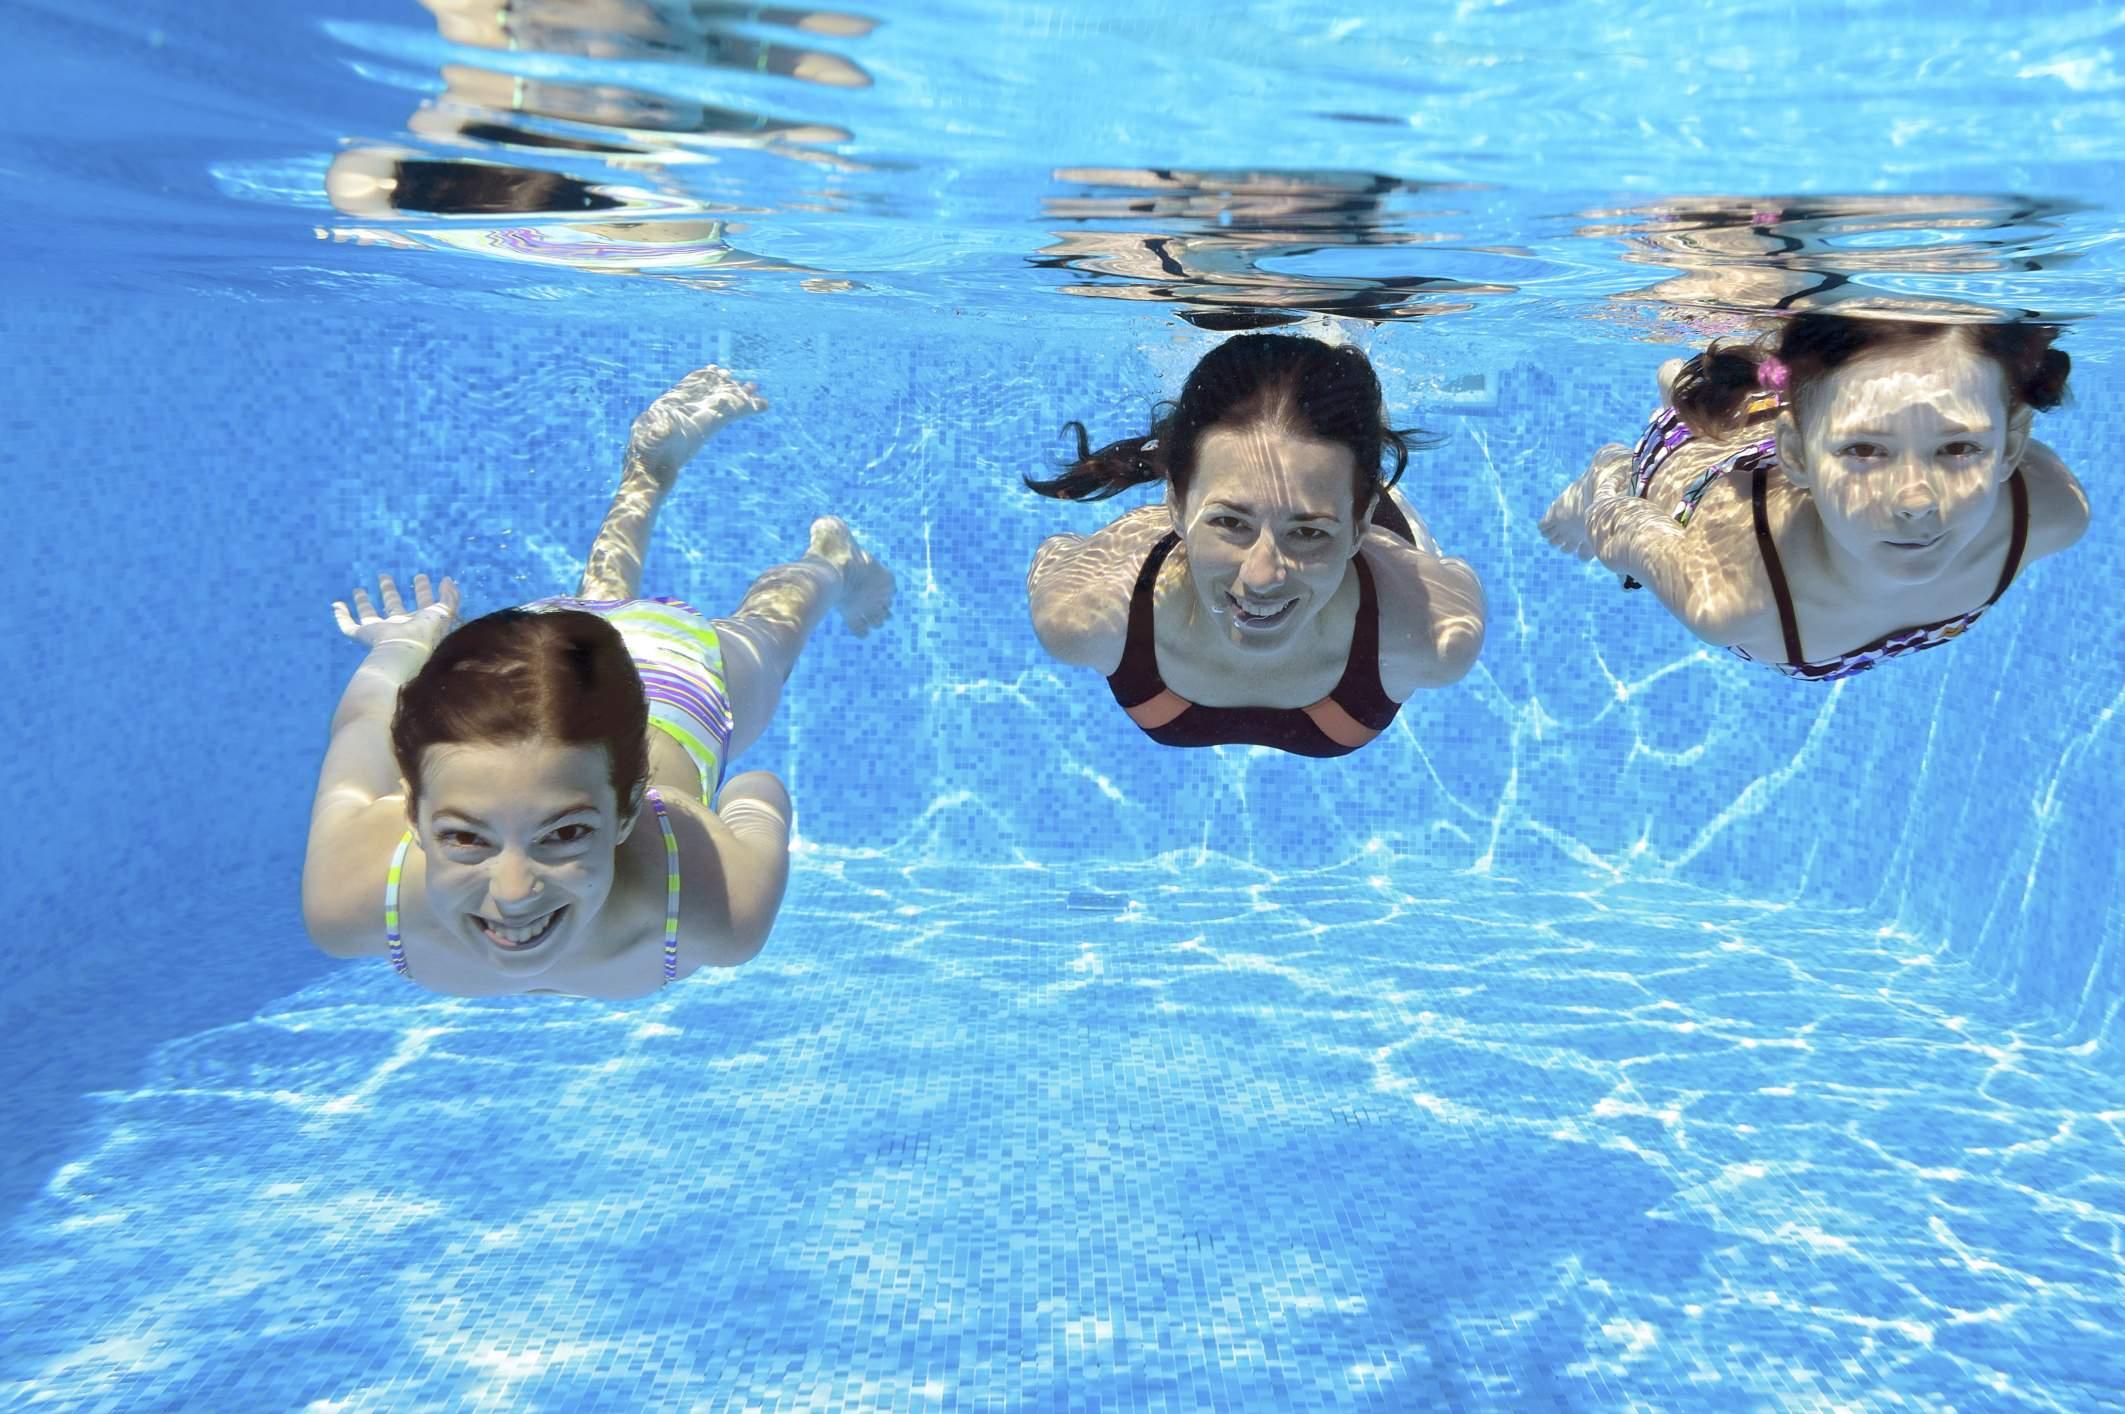 Quante Calorie Bruciamo In 60Min Di Nuoto? – Onsport Center tout Calorie Piscine